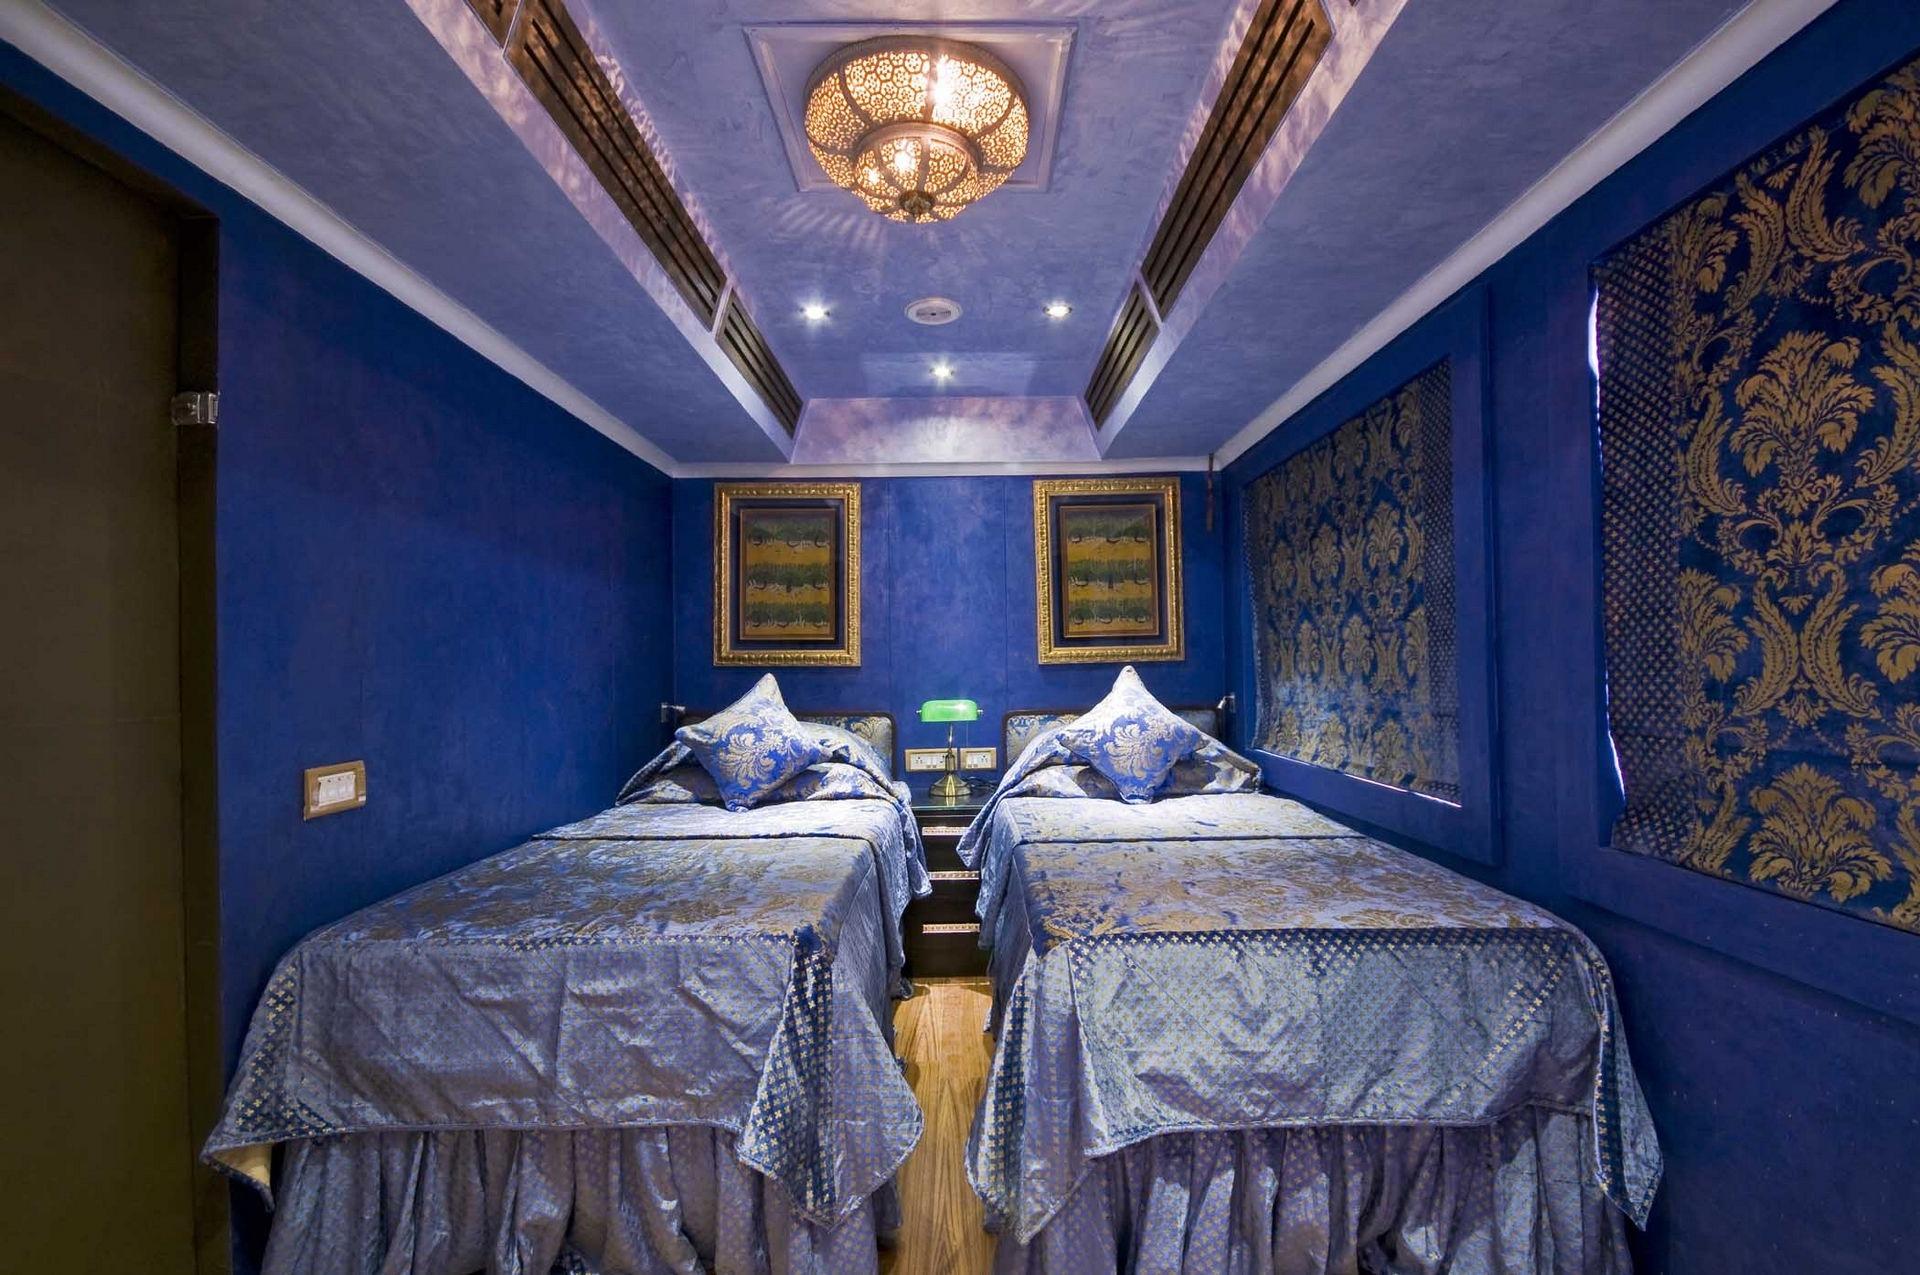 NOMAD-luksusowe-pociągi-Royal-Rajasthan-on-wheels-Indie-07